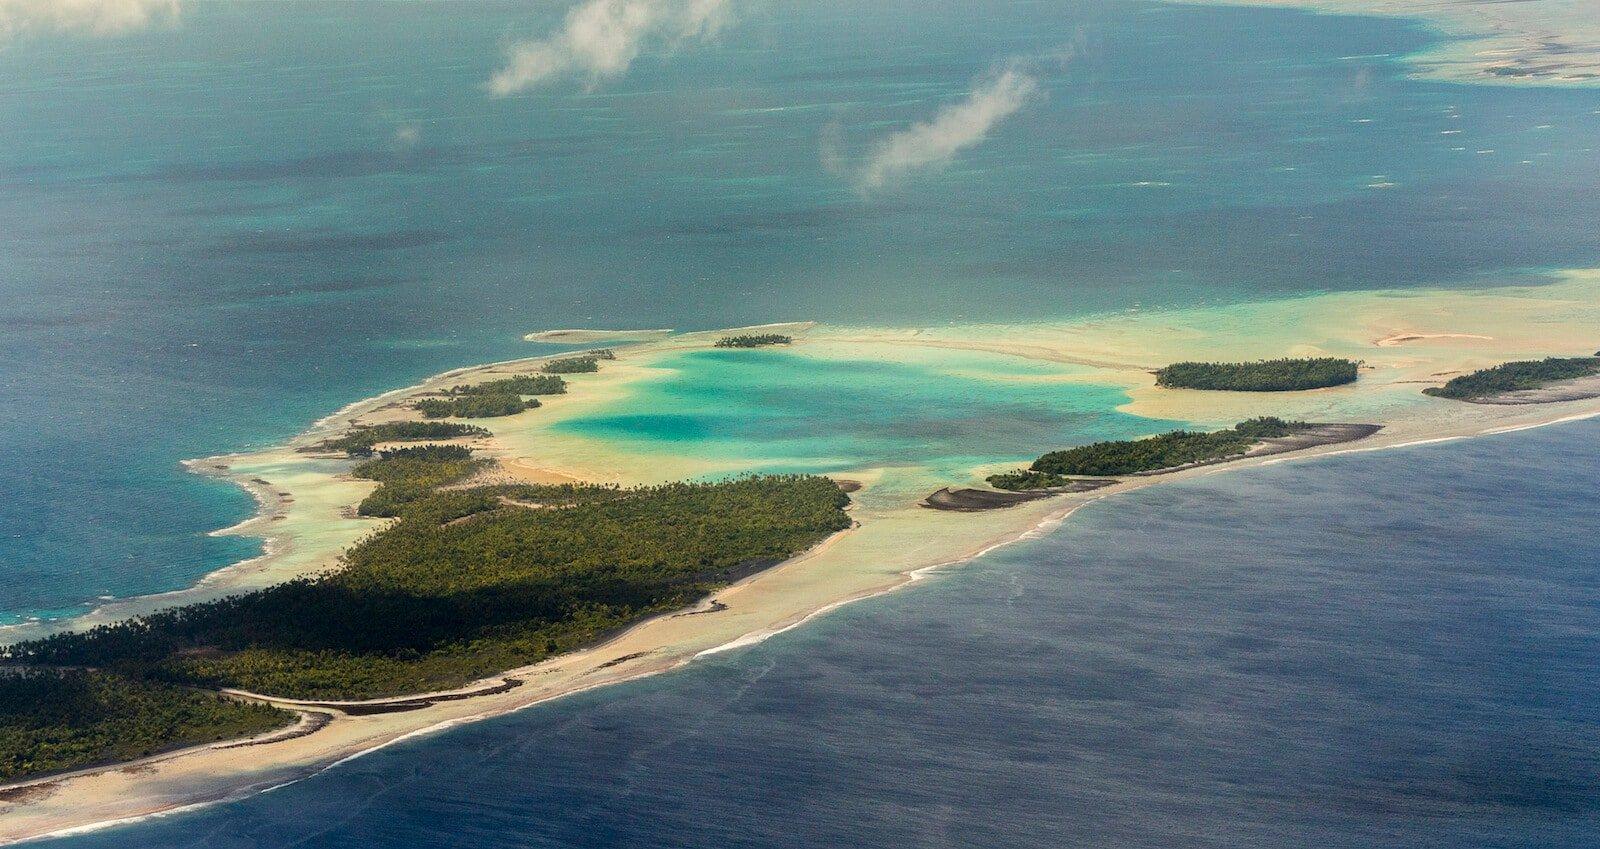 L'île de Rangiroa, une merveille en Polynésie française